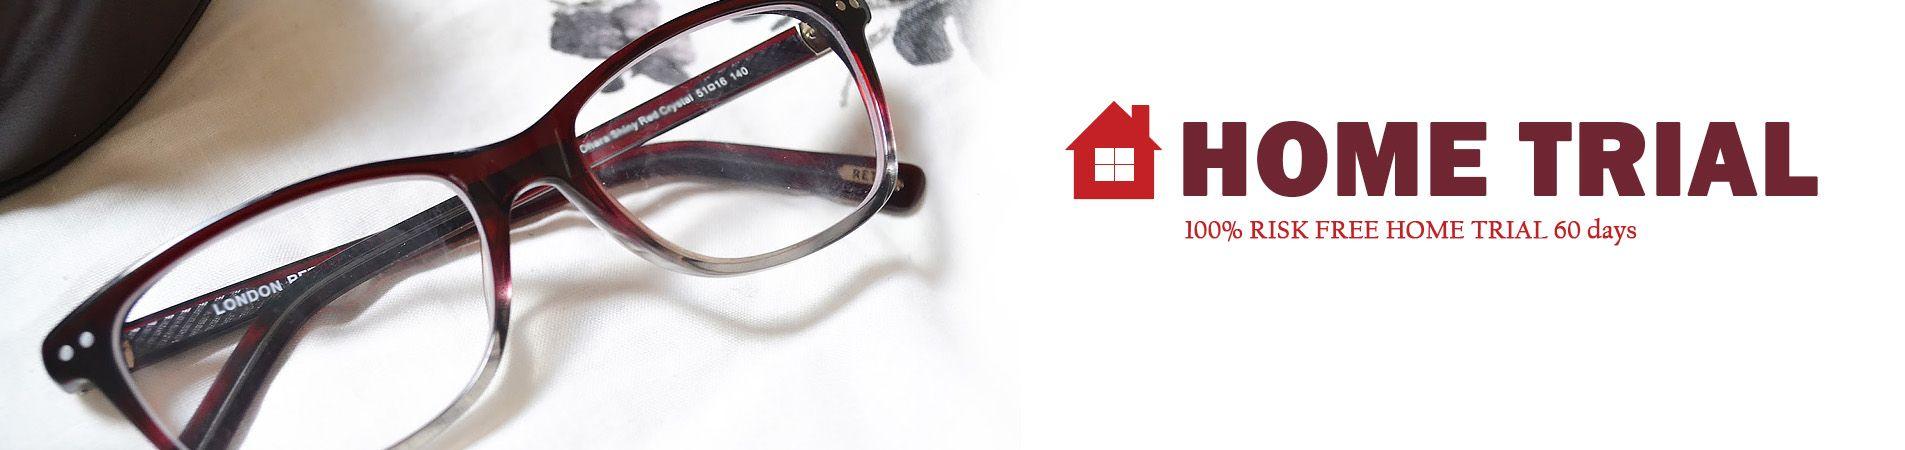 GlobalEyeglasses.com Launches Revolutionary Home Trial ...